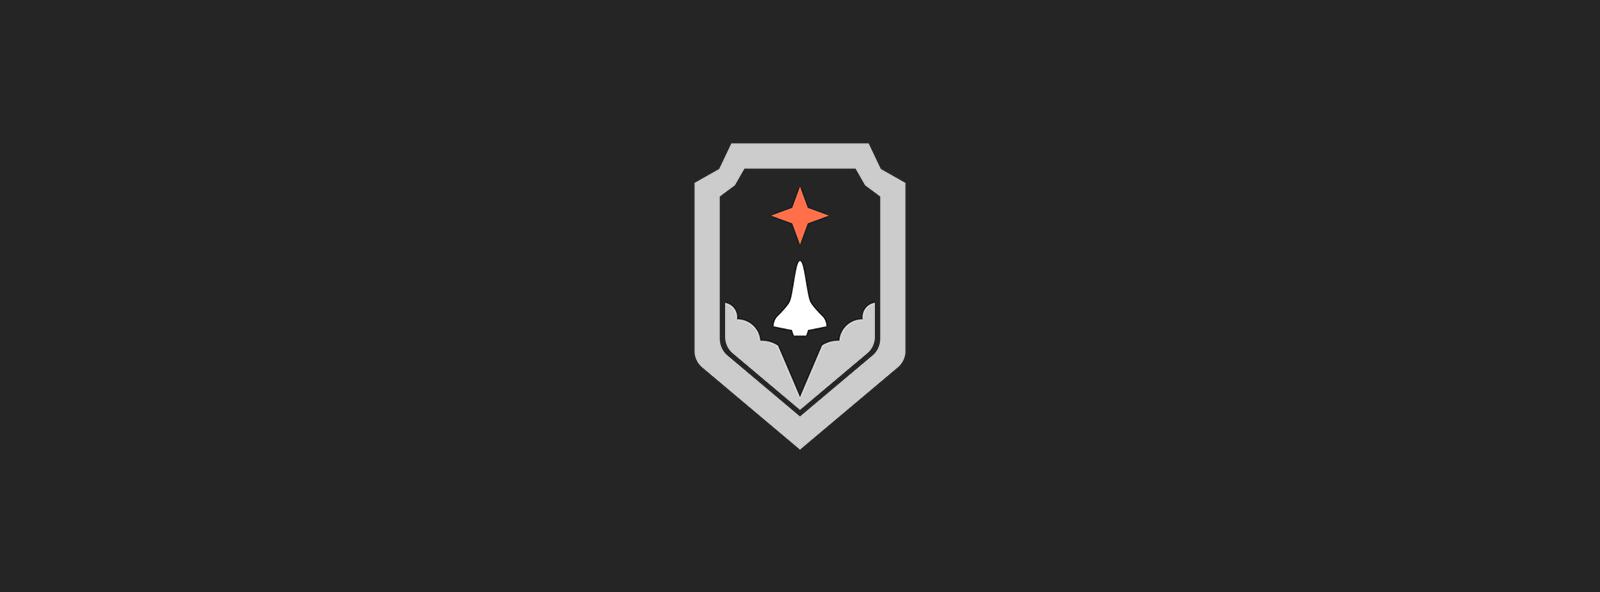 21-CTP-XXX_LaunchPad_Crest-Image